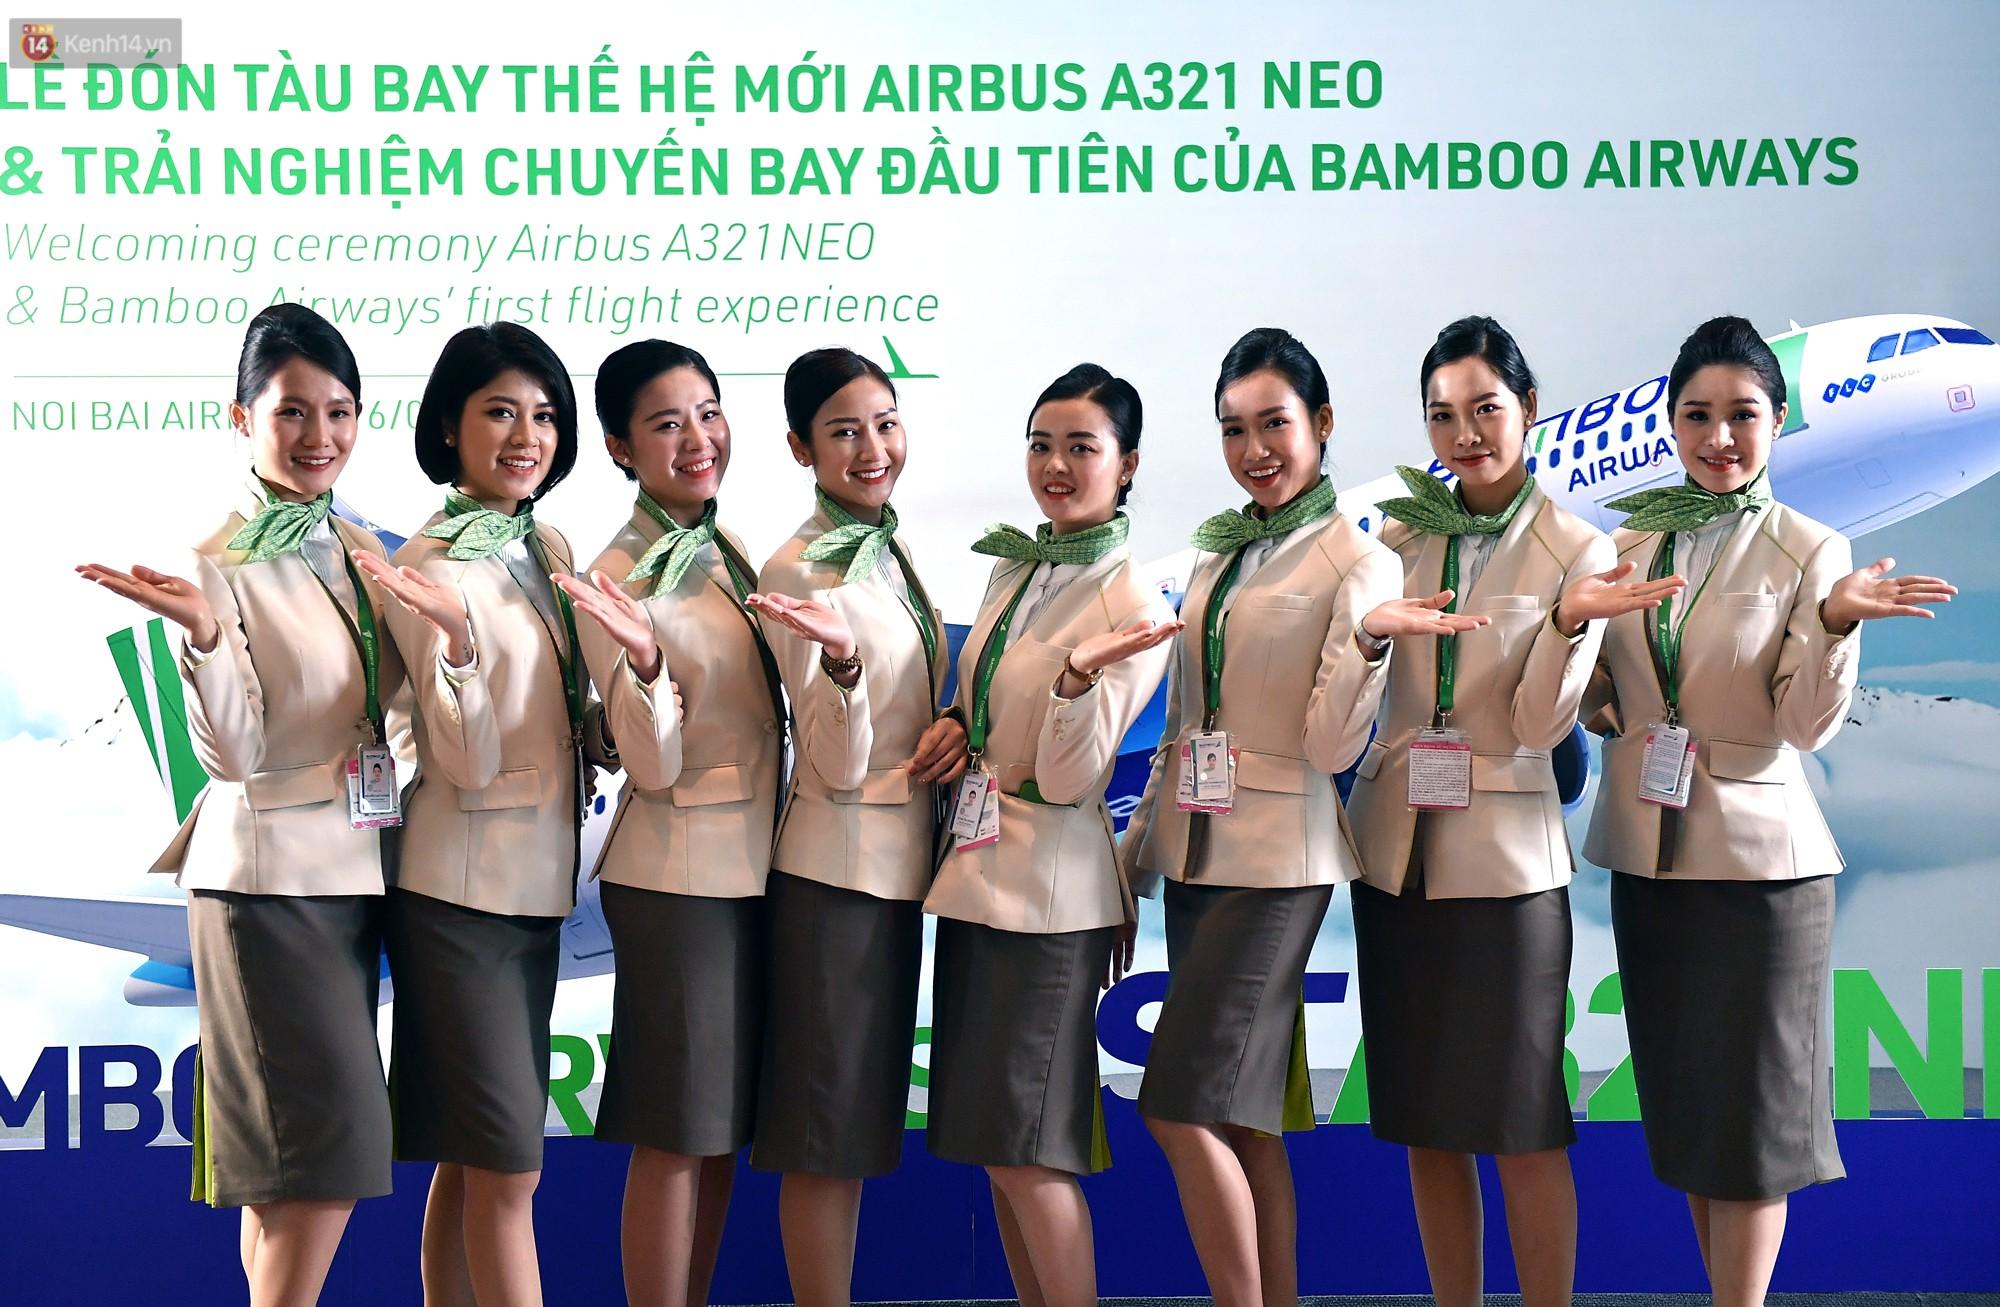 Mặc đồng phục vừa đẹp vừa trendy của Bamboo Airways, tiếp viên hàng không Việt trông xinh không khác gì tiếp viên Hàn - Ảnh 3.